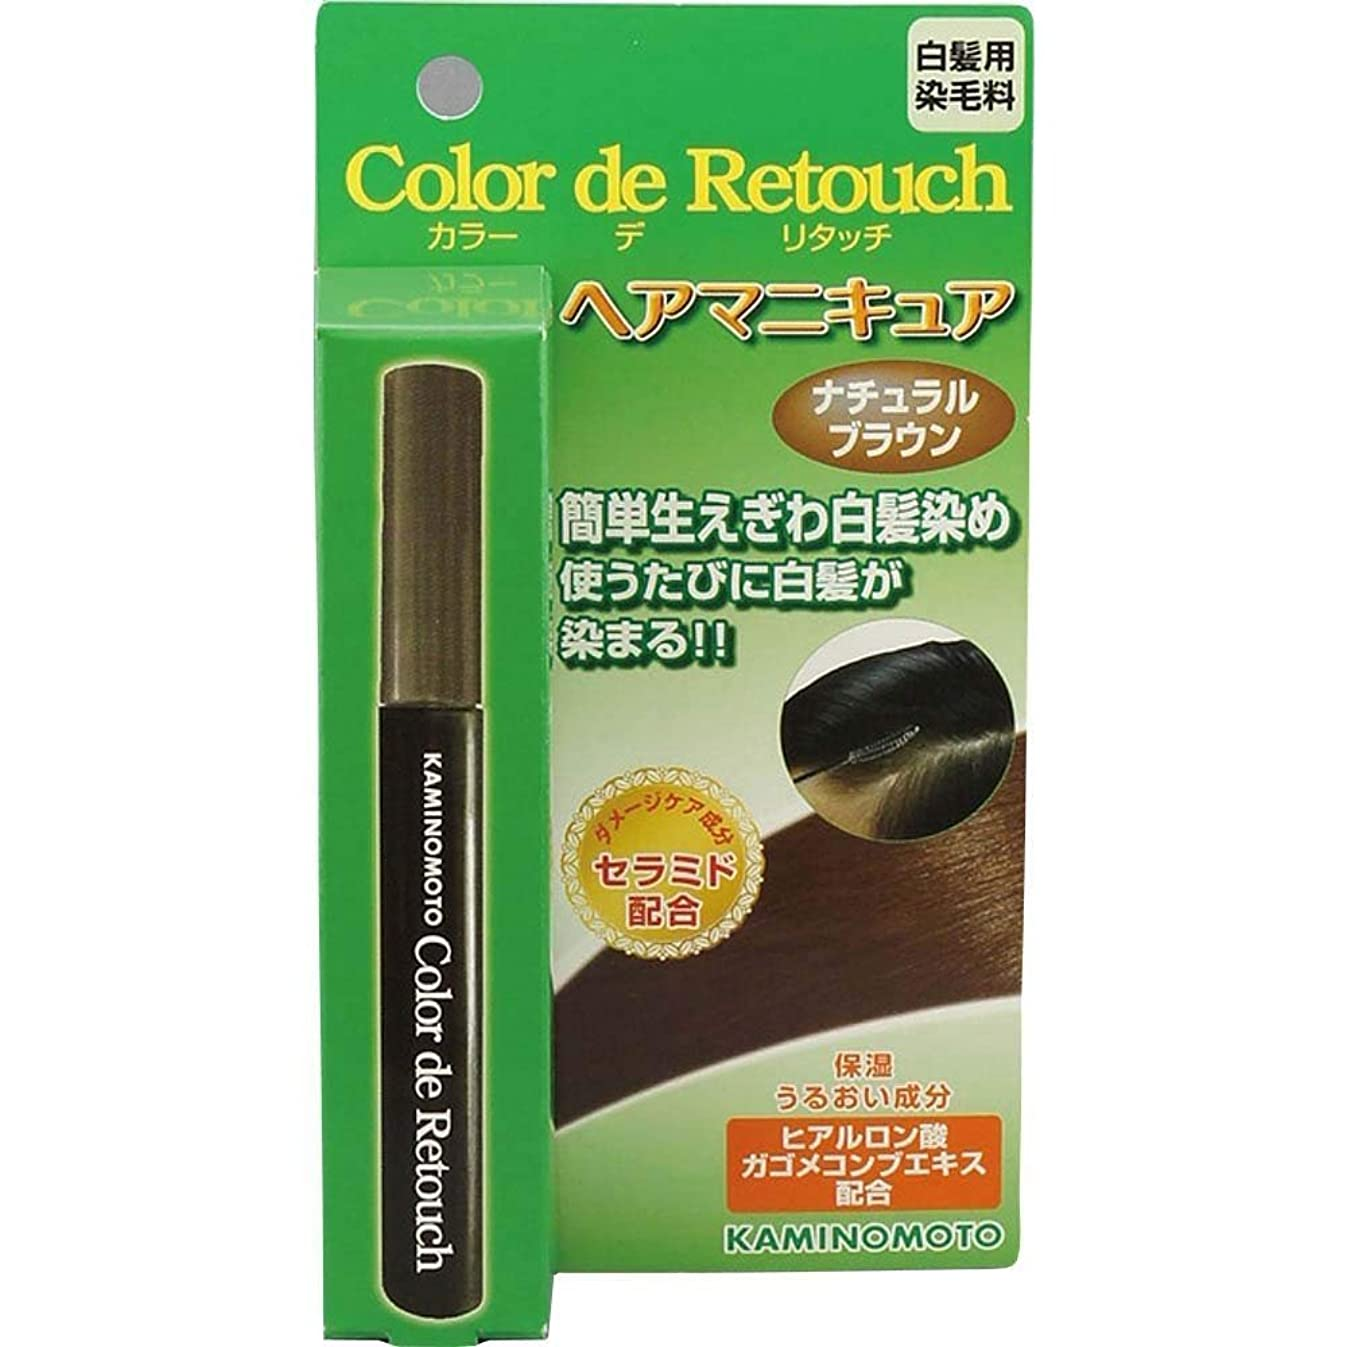 鎮痛剤ペイントスタジオ加美乃素 カラー デ リタッチ ナチュラルブラウン 10mL×3個